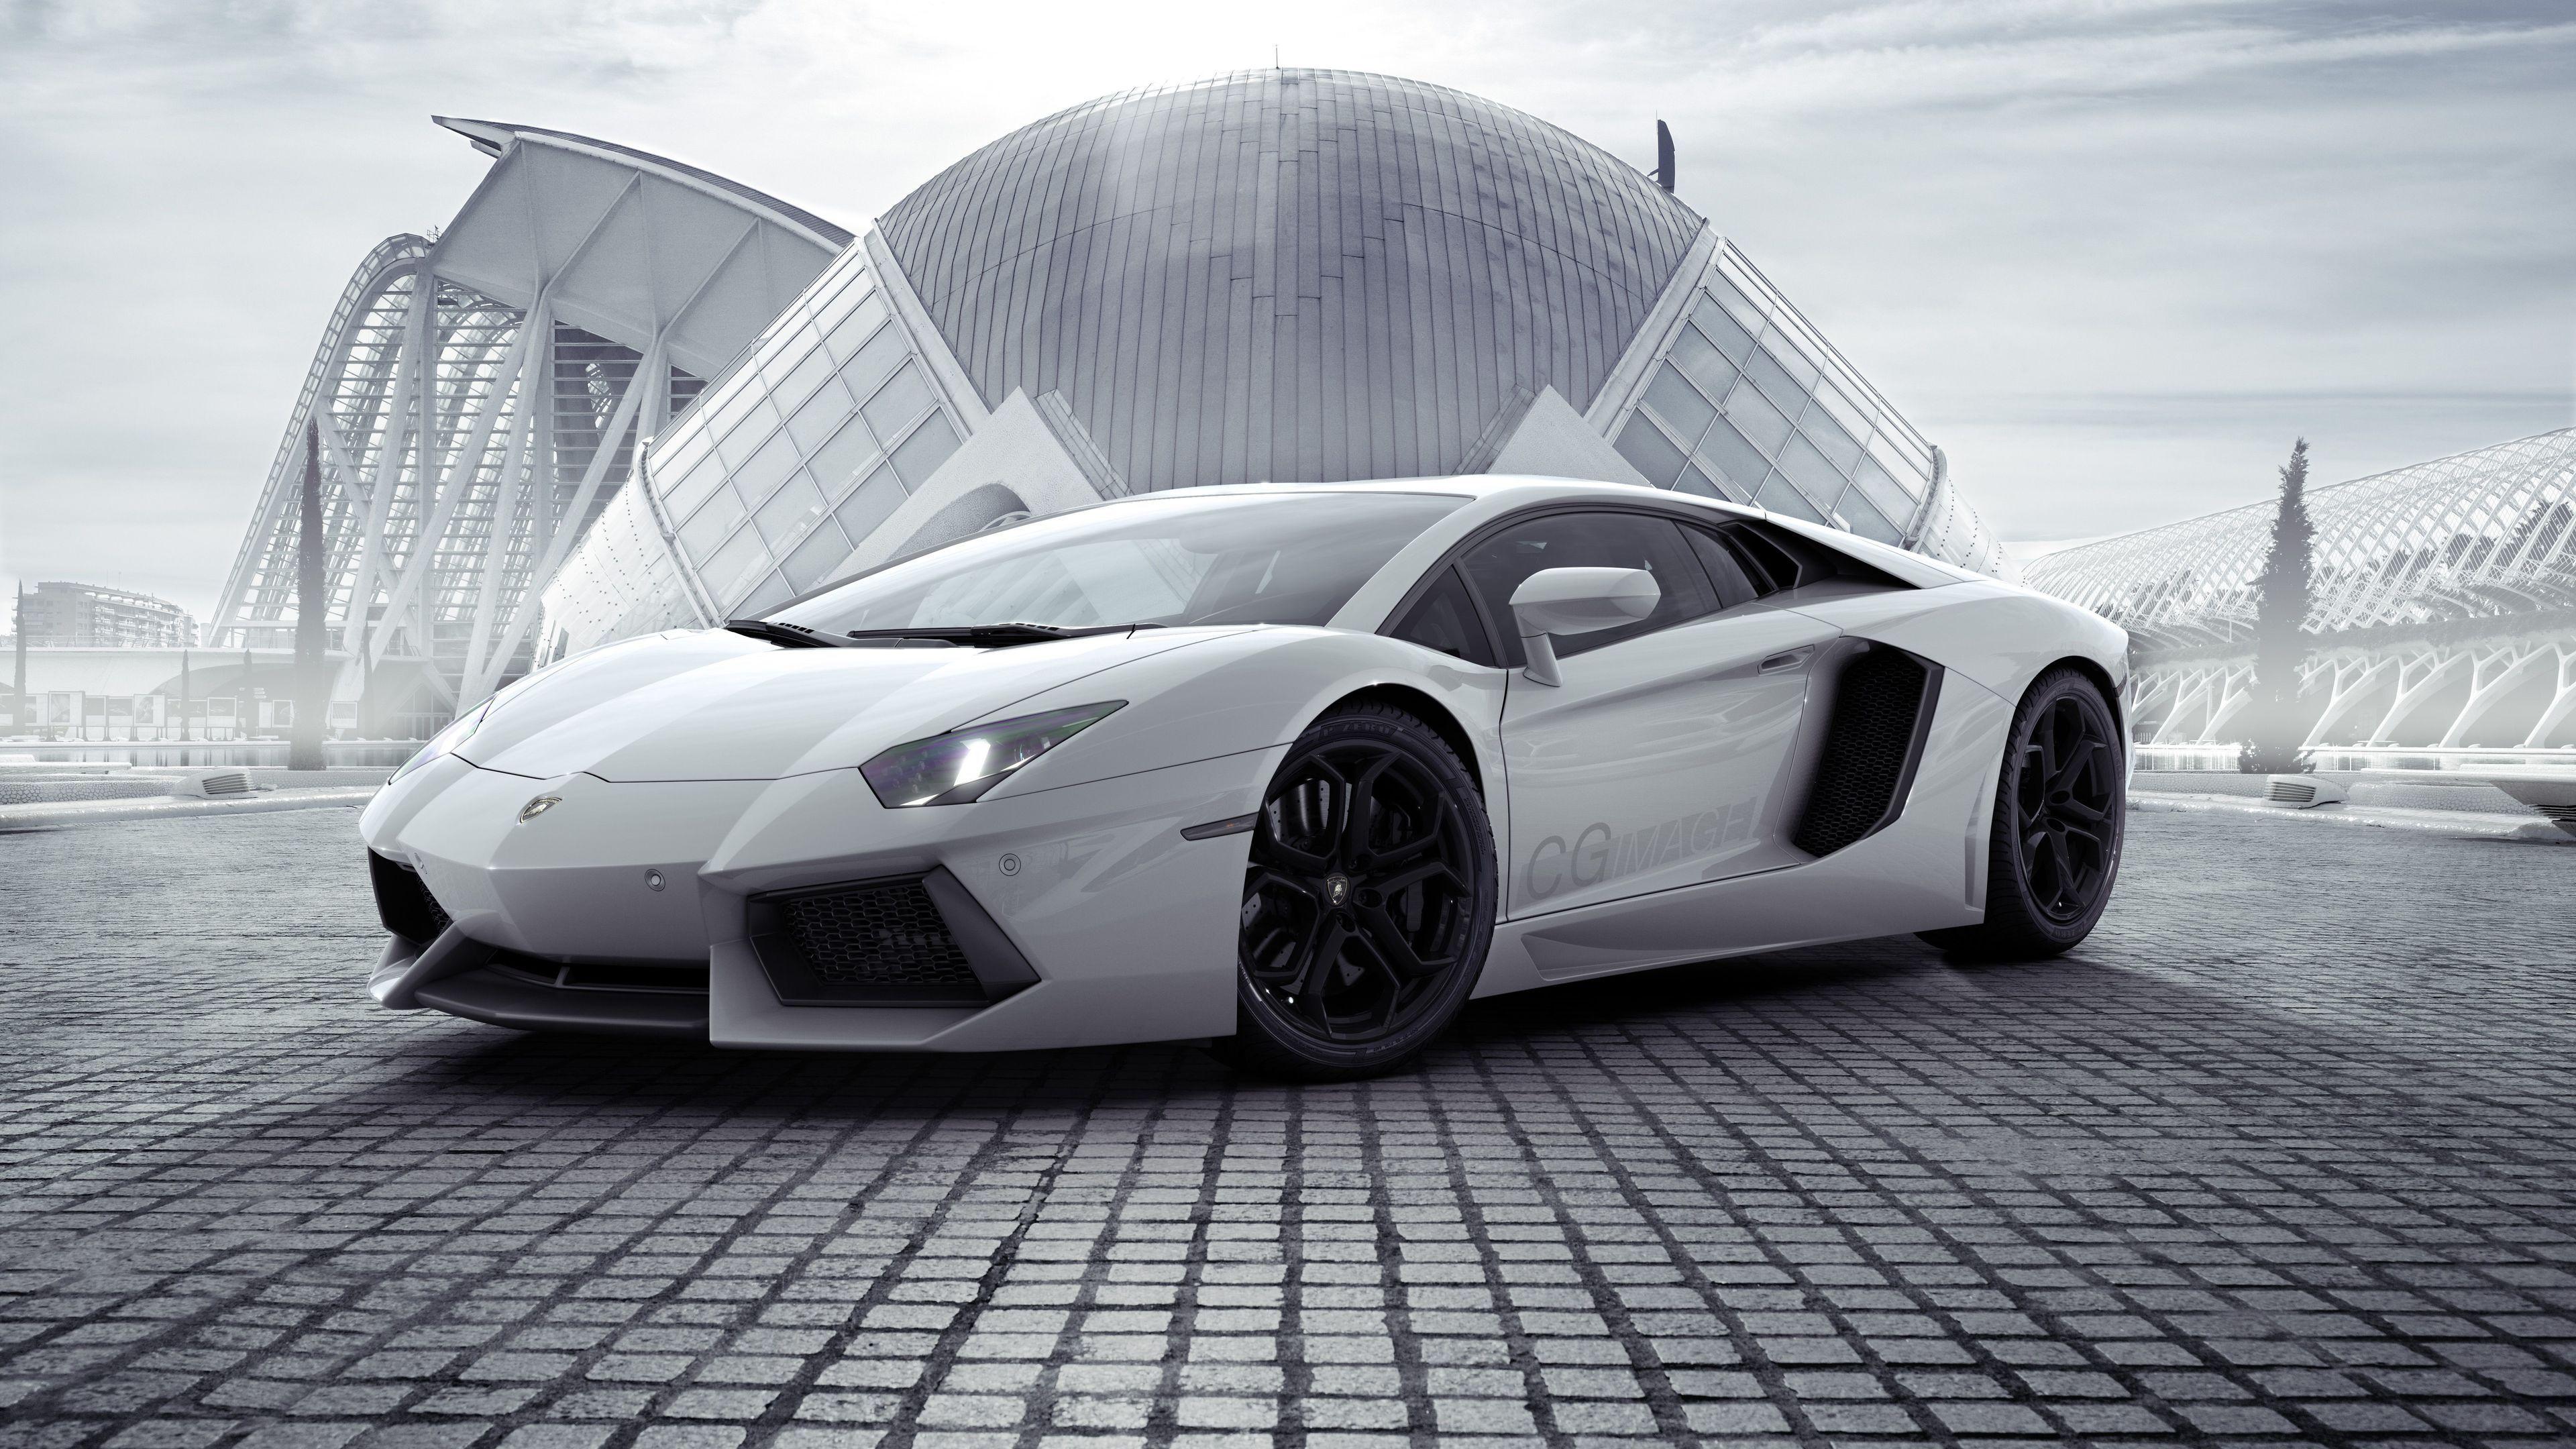 White Lamborghini Aventador New 4k lamborghini wallpapers, lamborghini aventador…